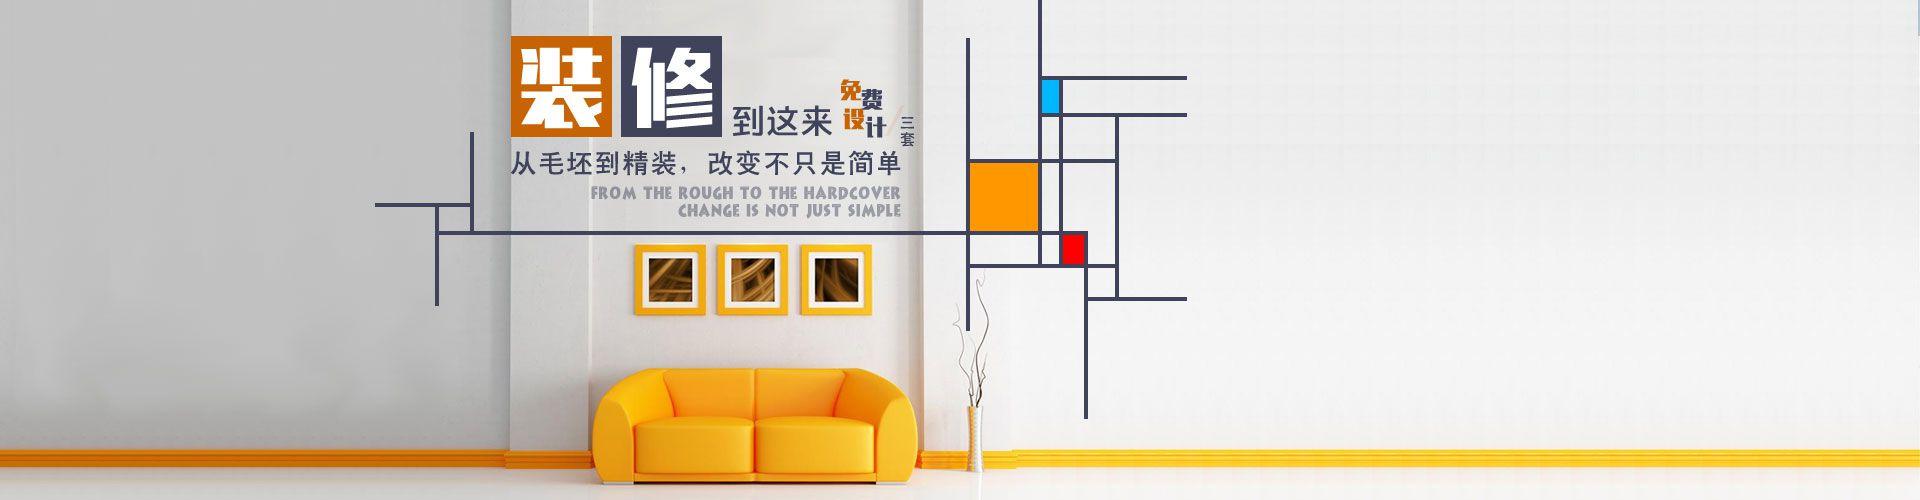 众易居装修平台免费量房设计报价